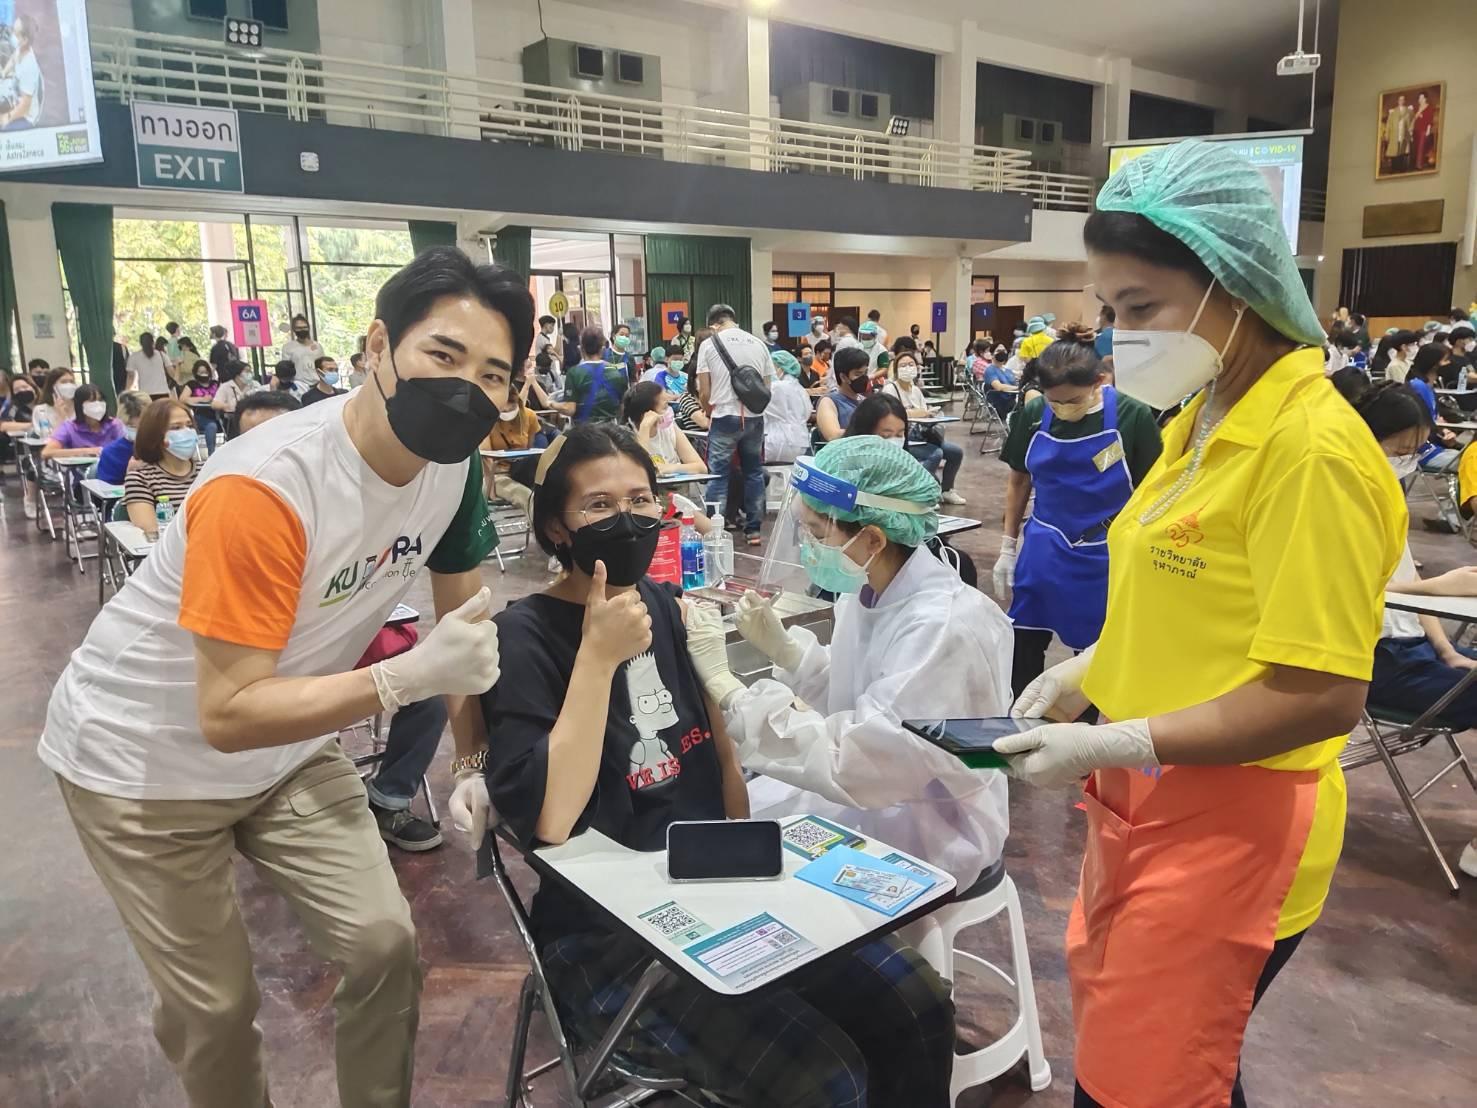 อาจารย์ดร.เช ยอง ซอก ม.เกษตรศาสตร์ ร่วมเป็นจิตอาสาและให้กำลังใจเจ้าหน้าที่ทีมแพทย์พยาบาลจิตอาสาที่ศูนย์บริการฉีดวัคซีน KU สู้ COVID-19